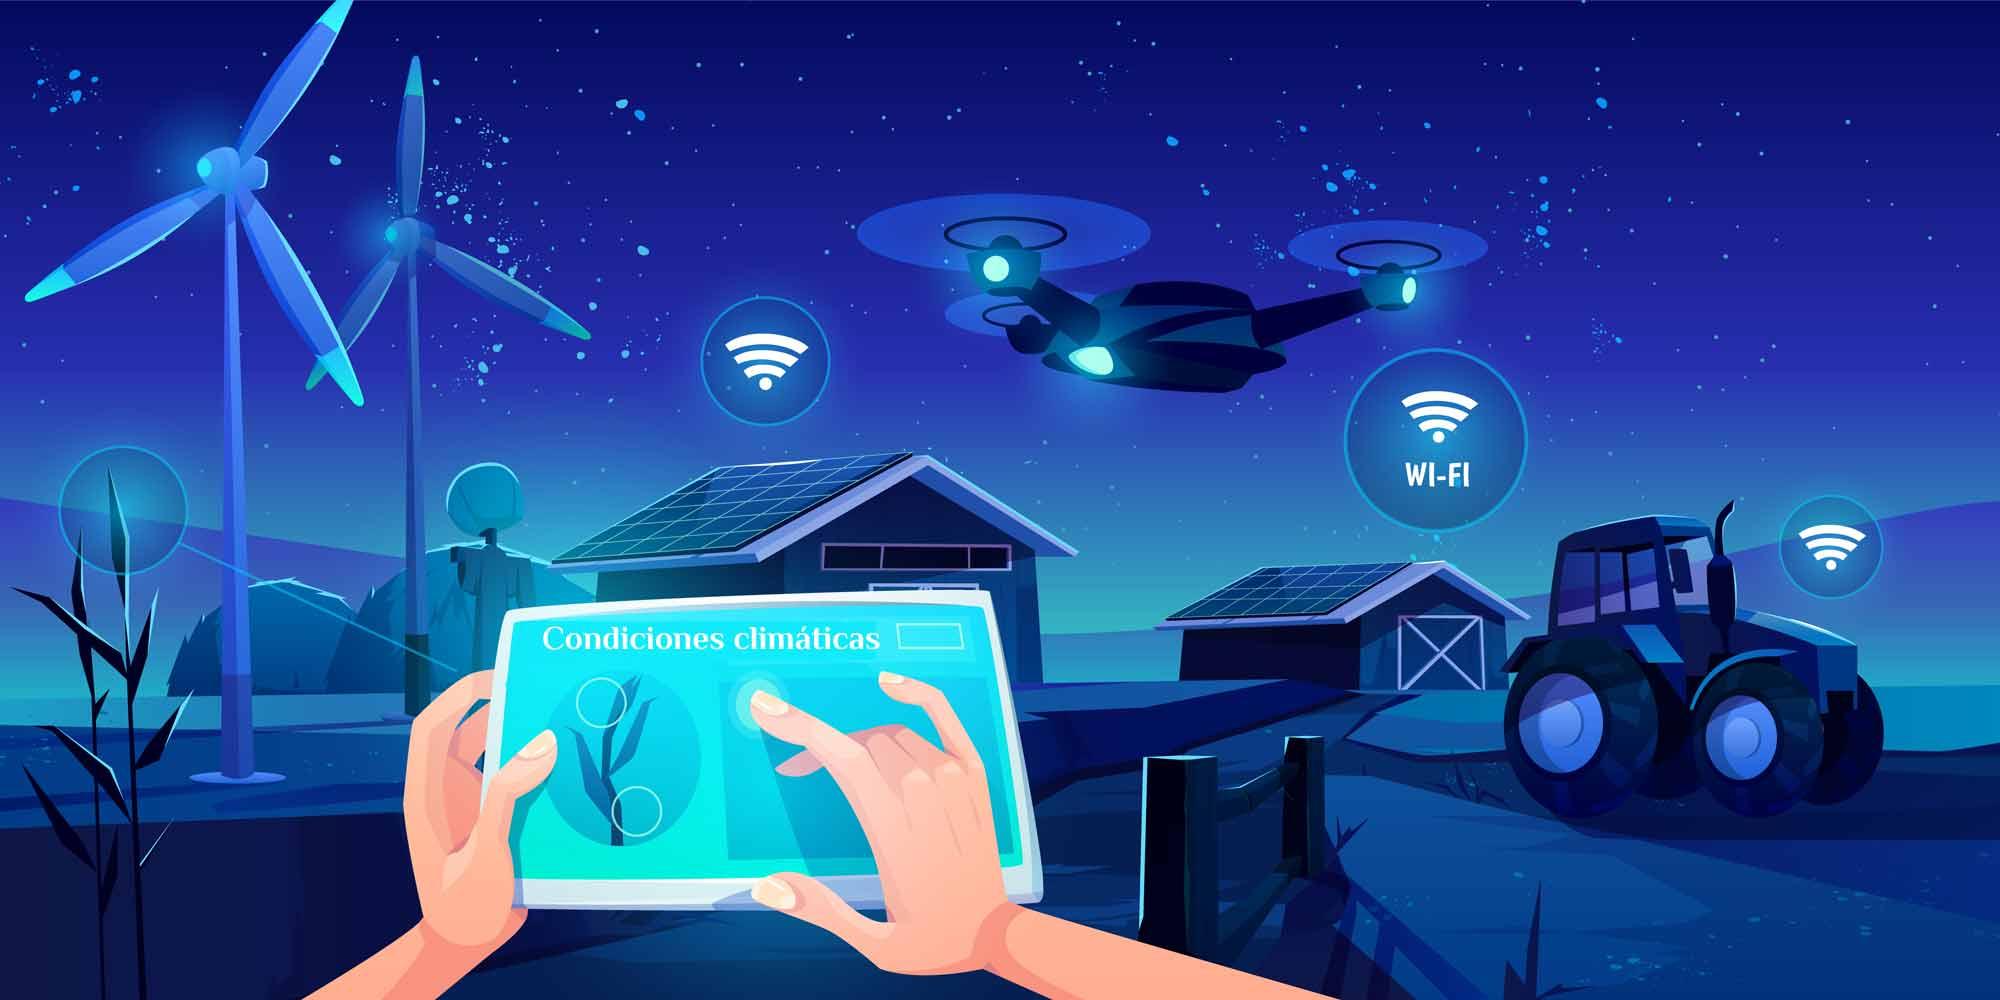 La Transformación Digital en el mundo agro: Bienvenida Agricultura 4.0.